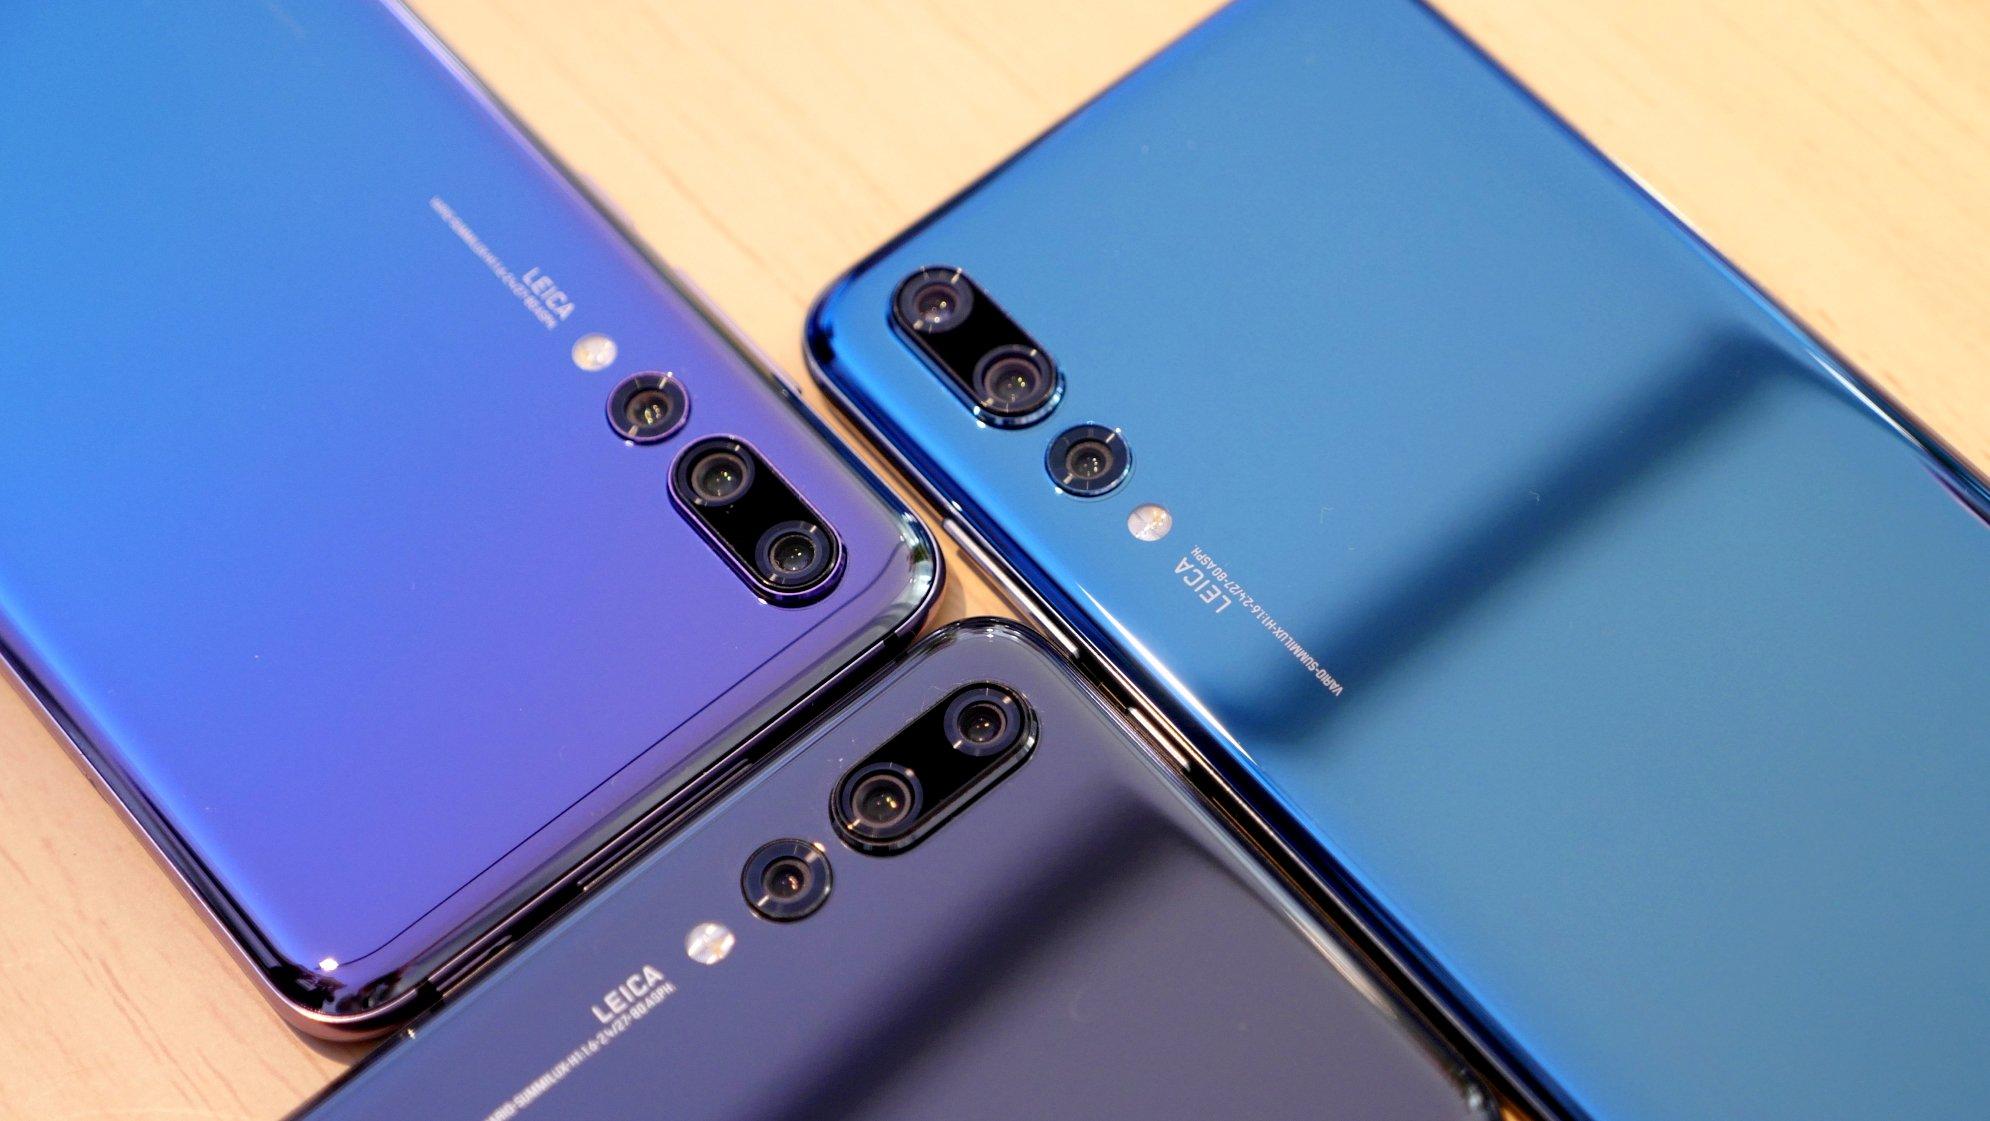 Huawei P20 Pro nhận loạt giải thưởng tại TechRadar Mobile Choice Consumer Awards 2018 - Ảnh 2.